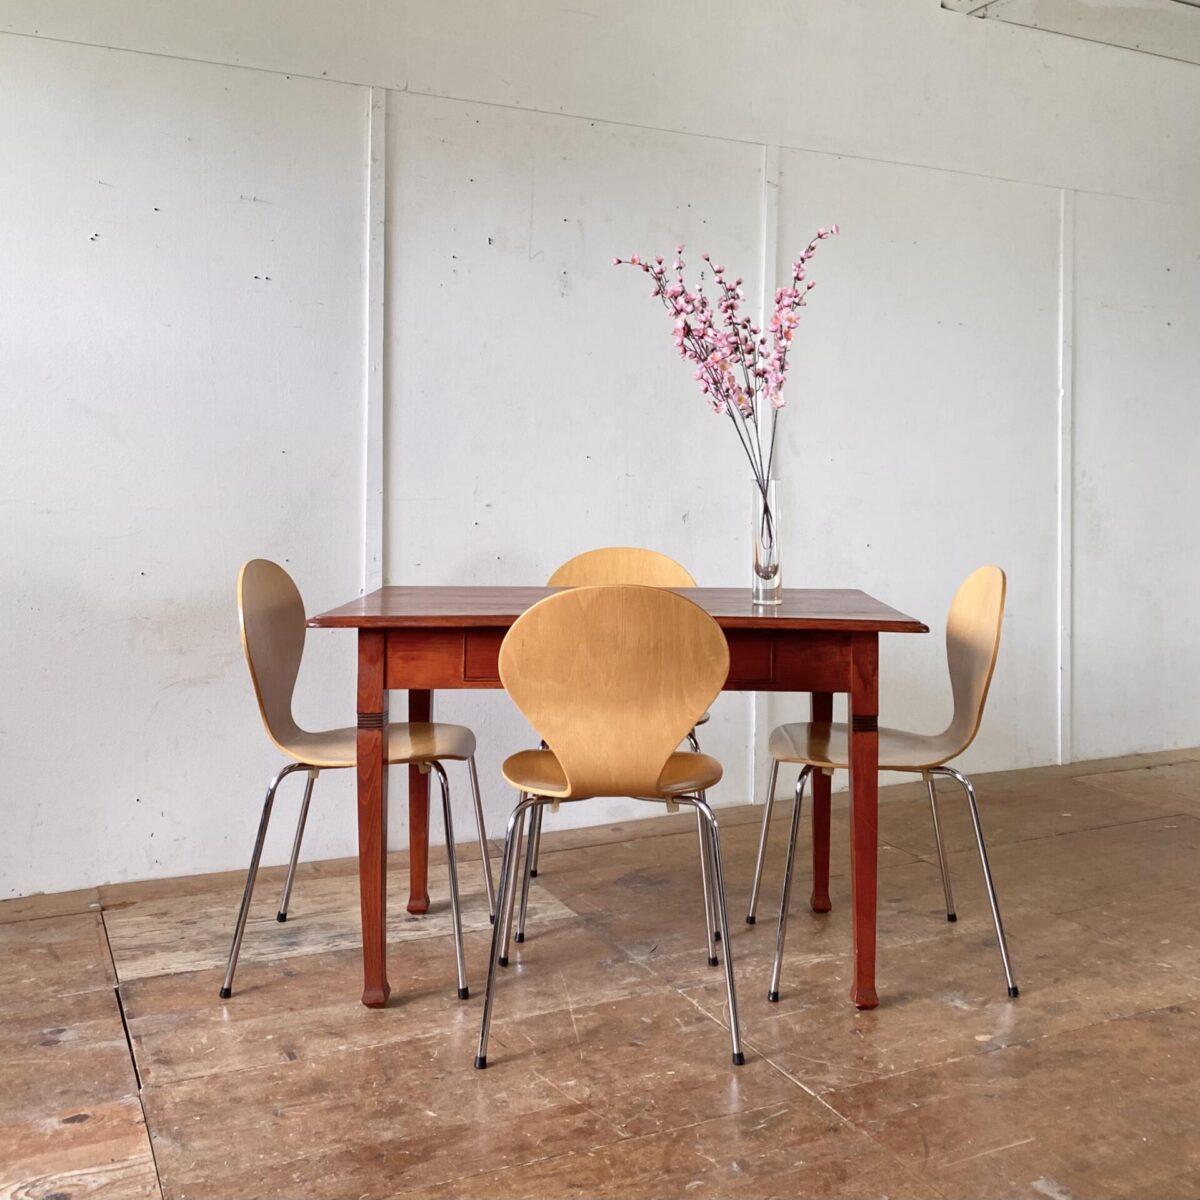 Deuxieme.shop. Buchenholz Schreibtisch mit Schublade aus Vollholz. 120x74cm Höhe 76cm. Der Tisch ist in stabilem Zustand, rotbraun gebeizt und lackiert. Die Stapelstühle sind ebenfalls verfügbar, 4er Set 120.- Von Danerka made in Dänemark.